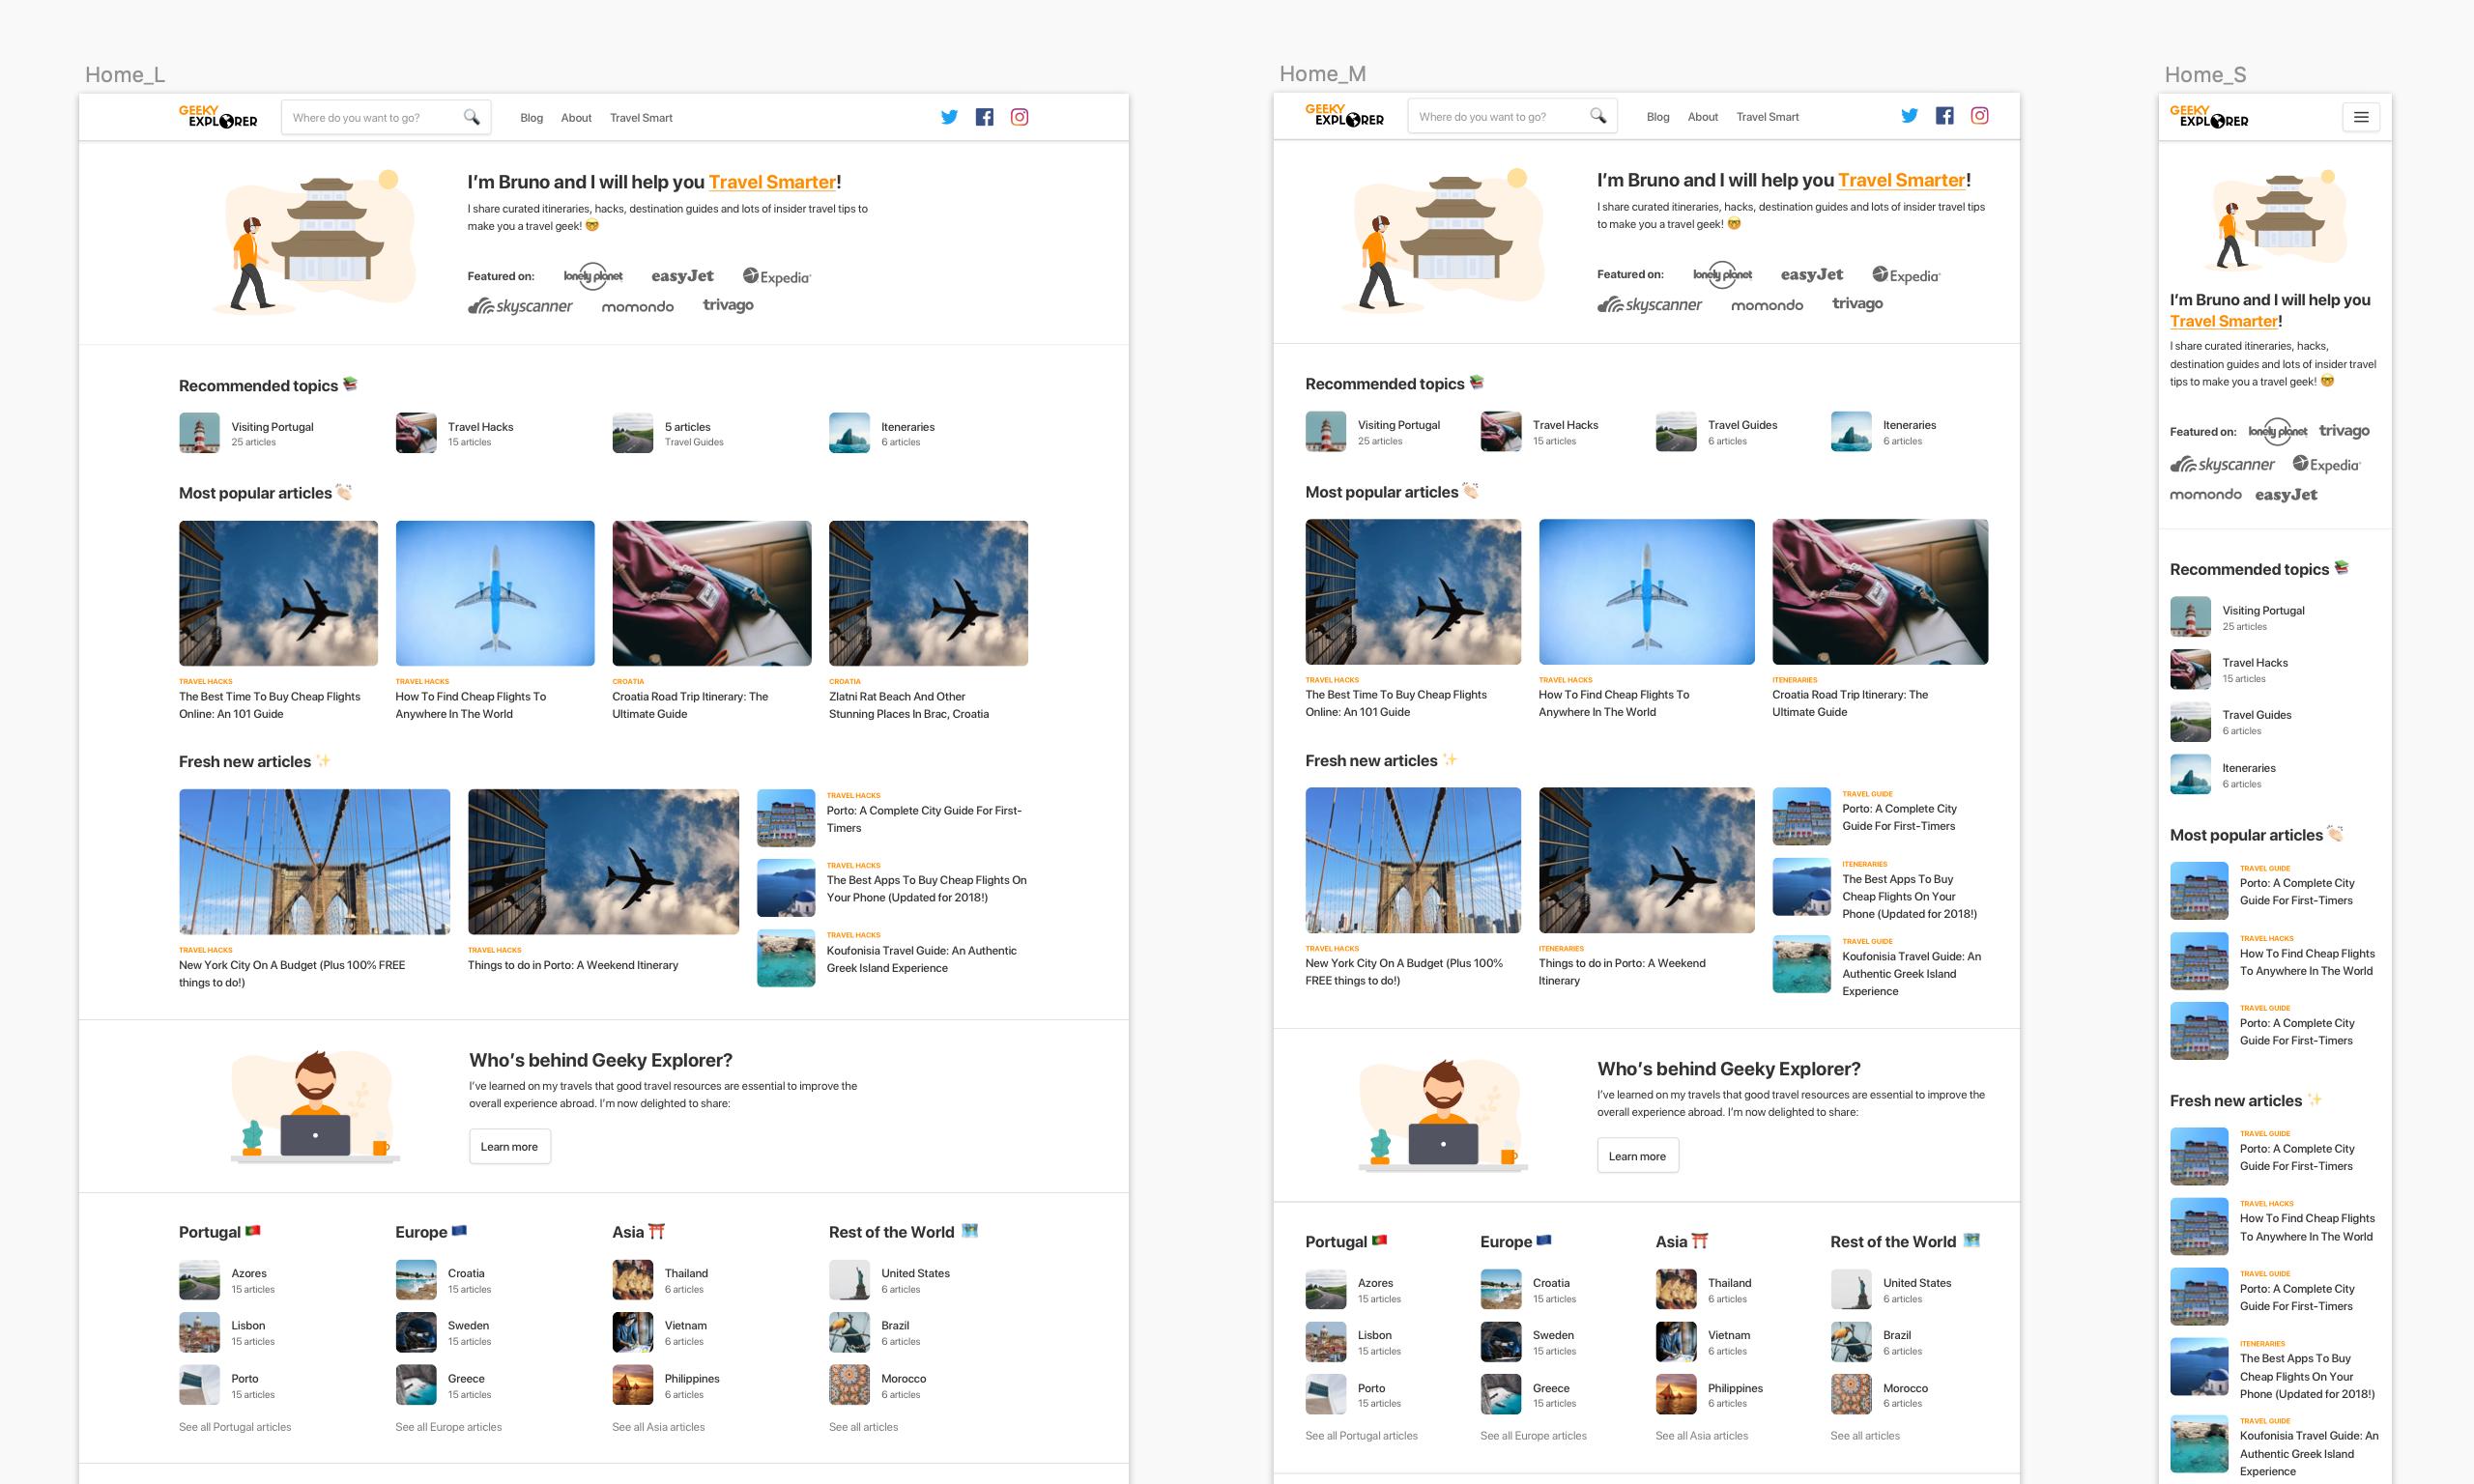 Geeky Explorer homepage